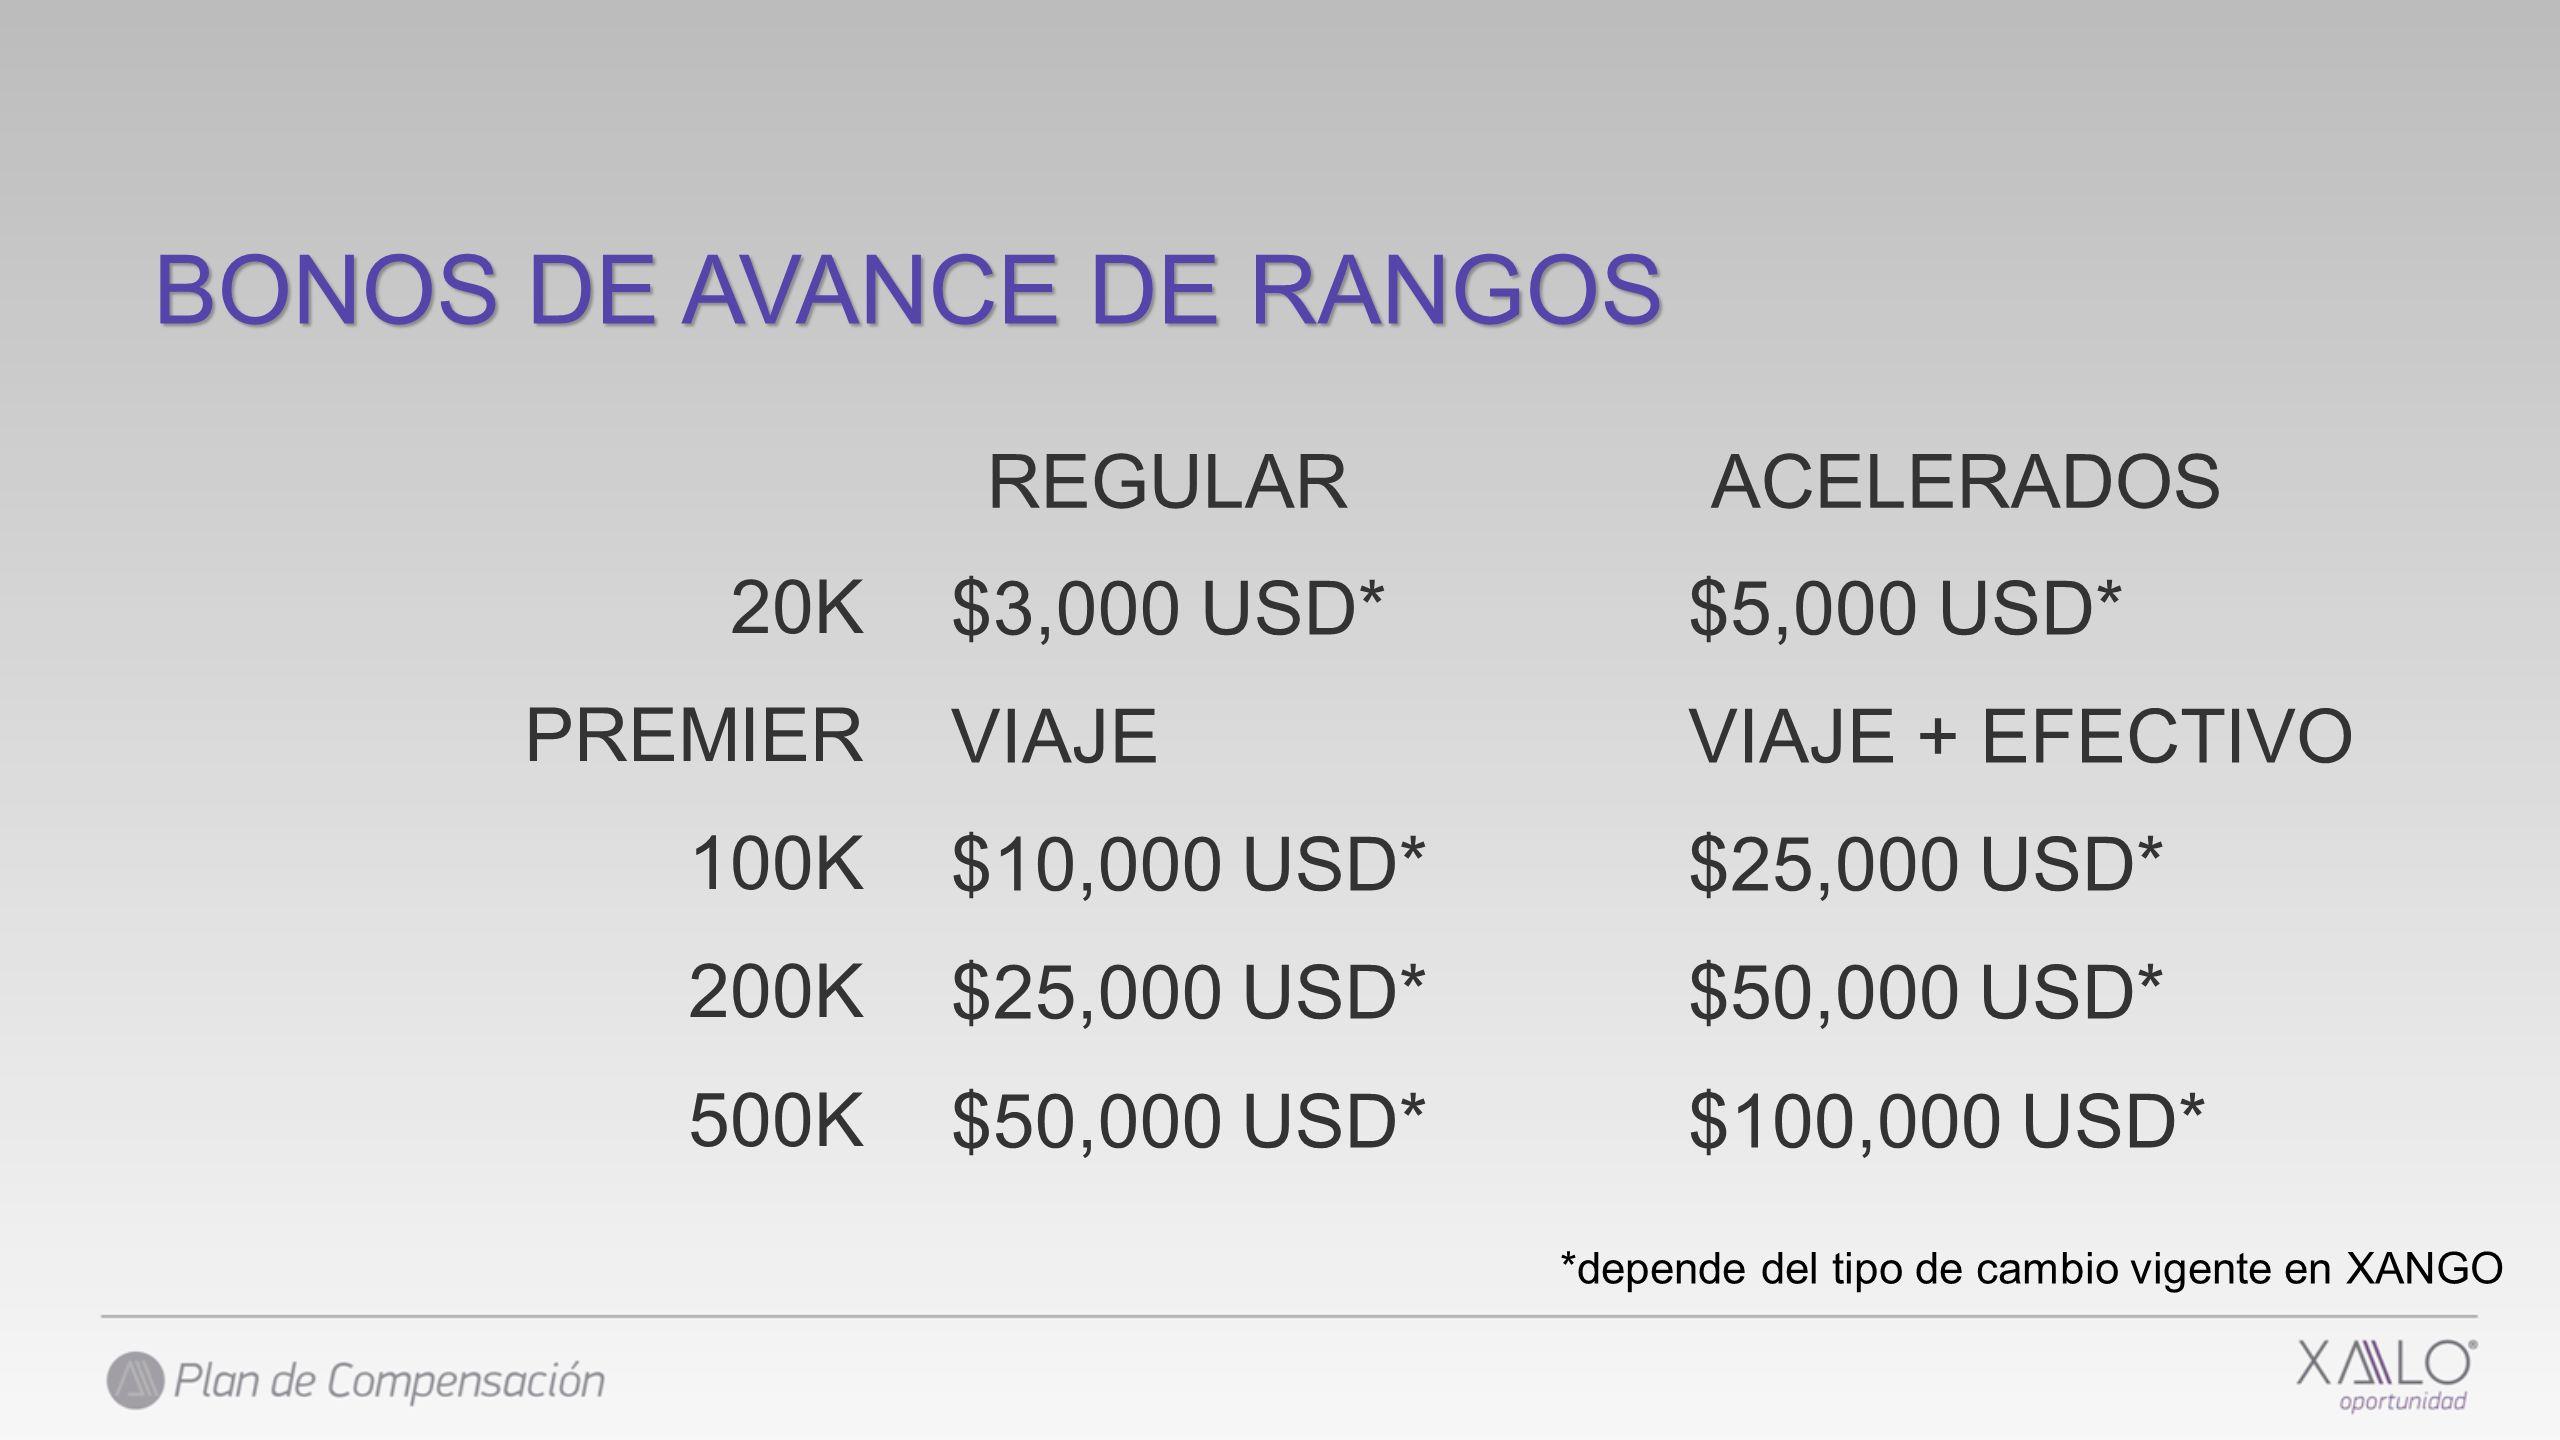 *depende del tipo de cambio vigente en XANGO